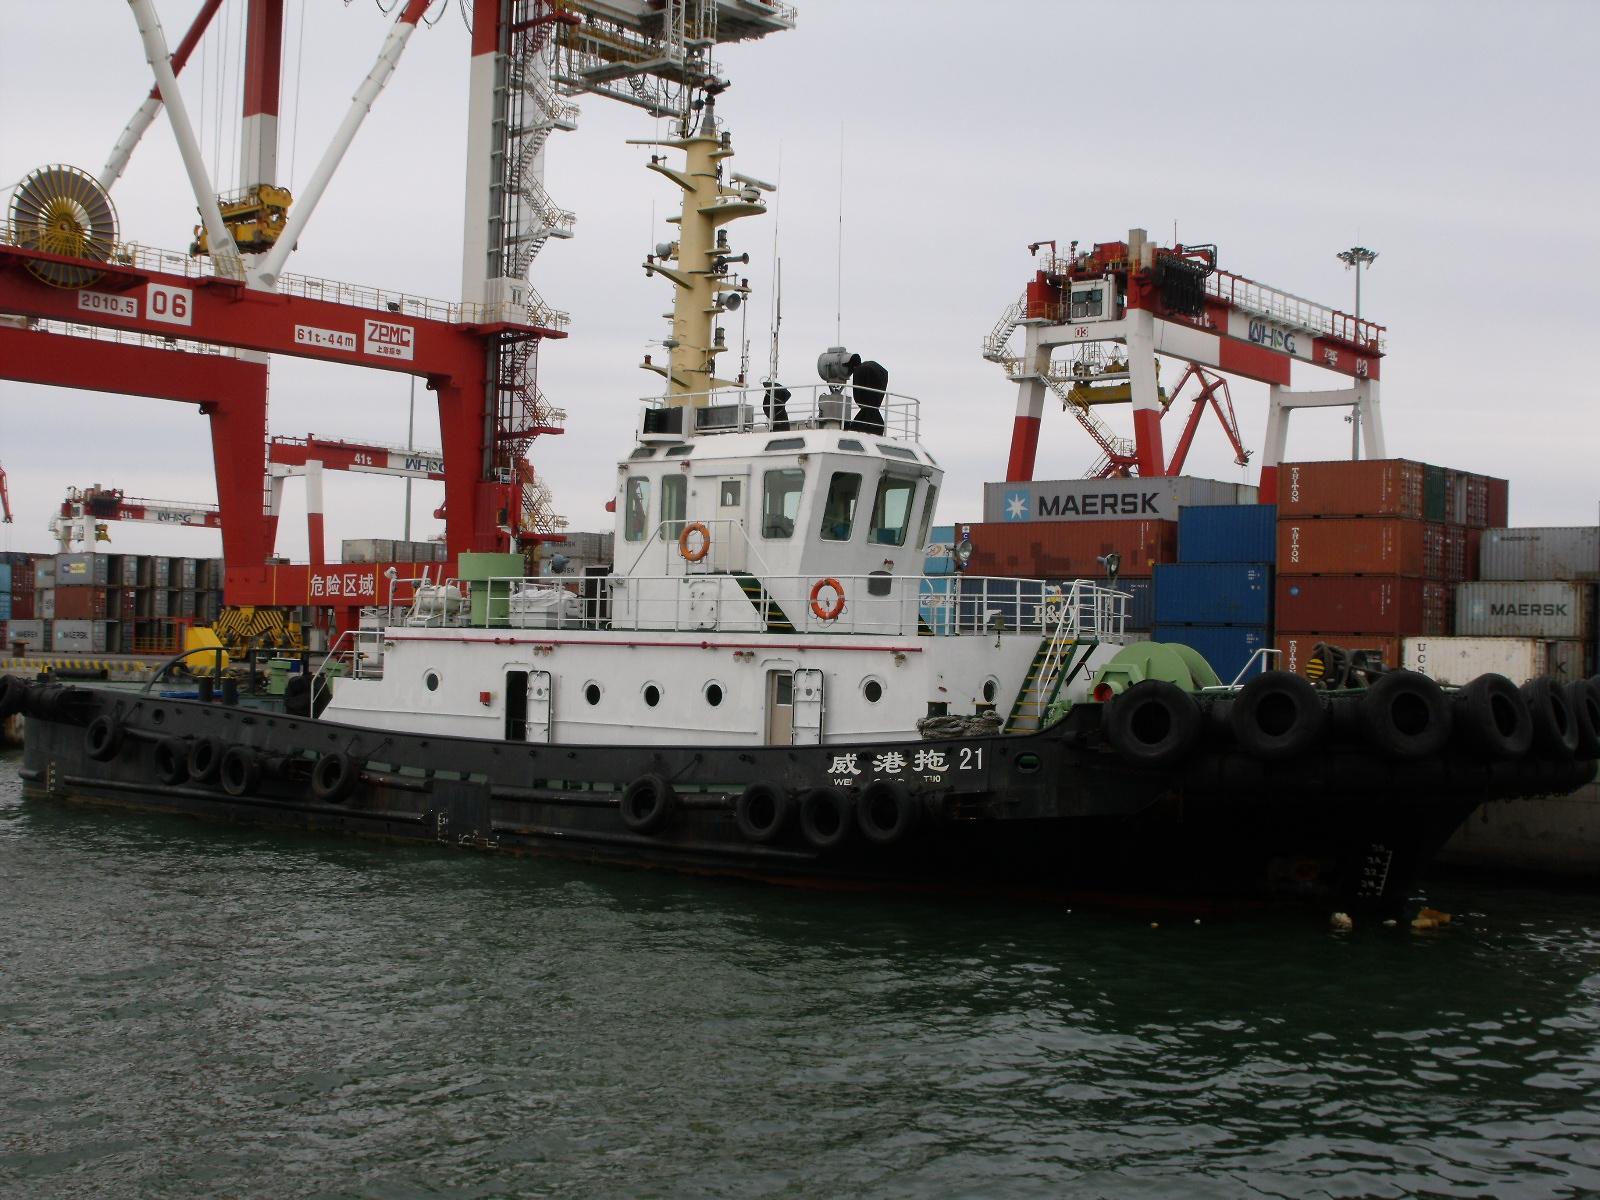 出租、出售5200HP、4000HP、3200HP全回转港作拖轮